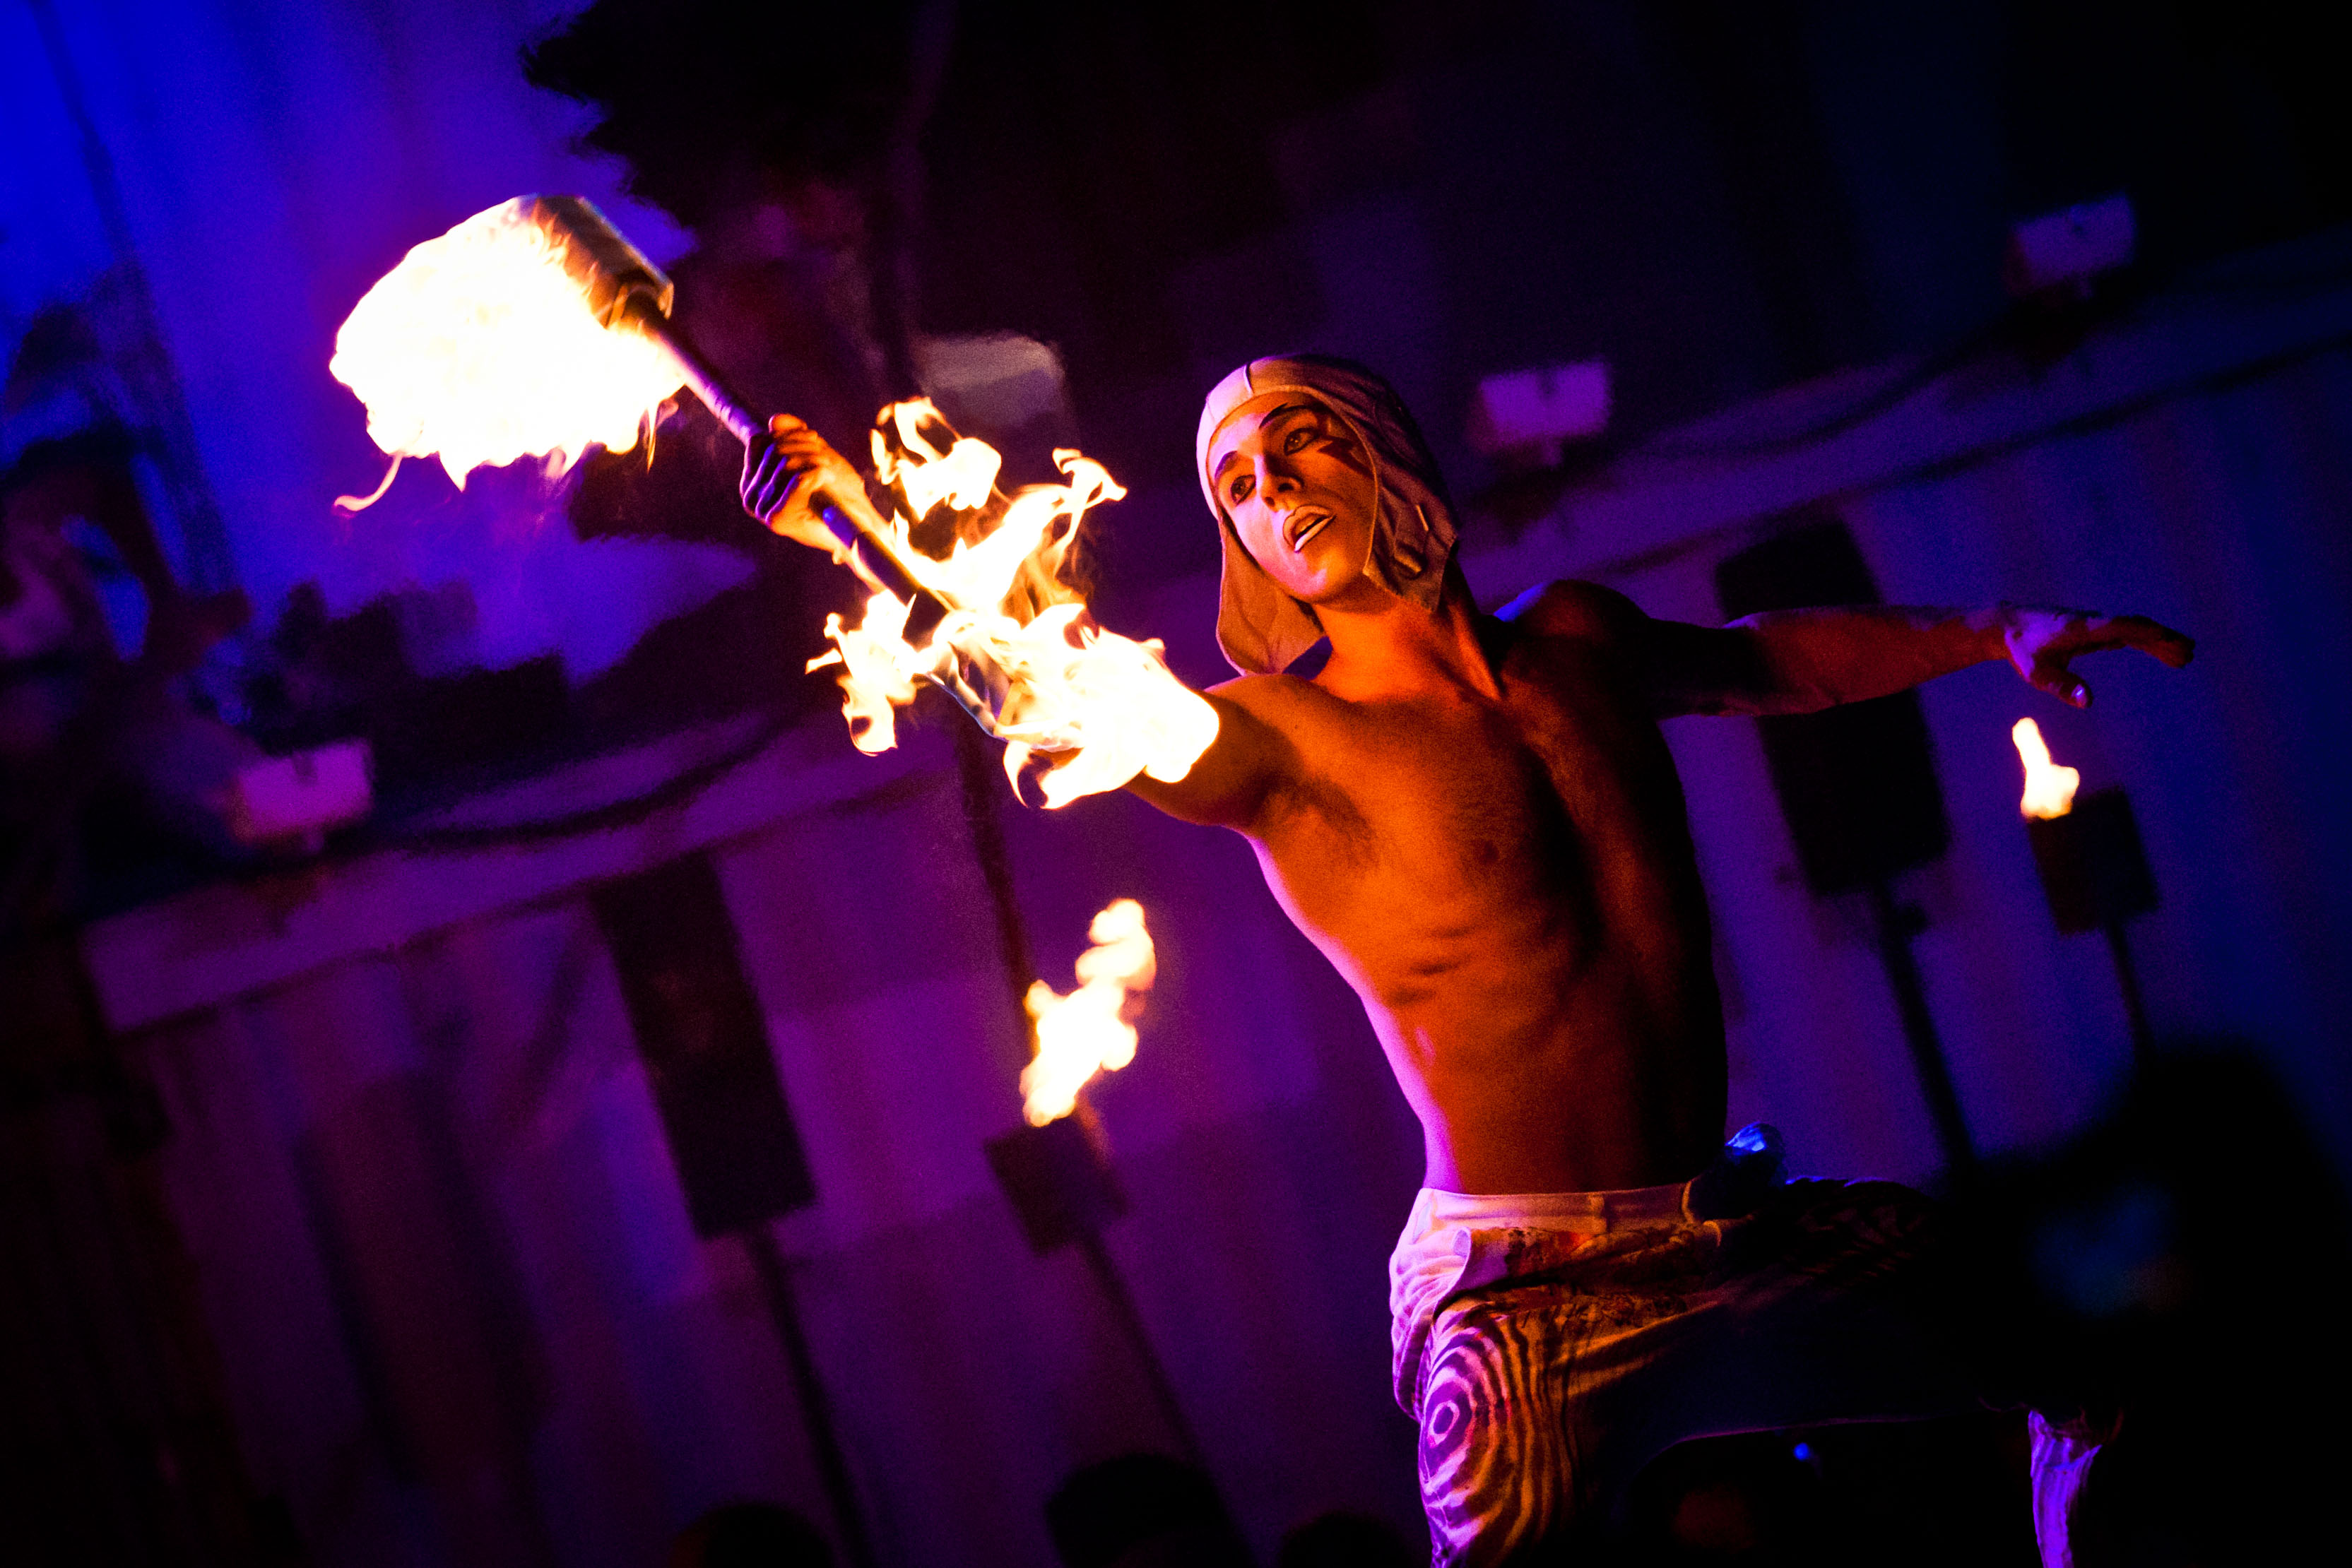 le cirque du soleil Uno de los espectáculos más visitados en las vegas es cirque du soleil, un espectáculo que maravilla a todo el mundo, pero el show representa para quienes en el.